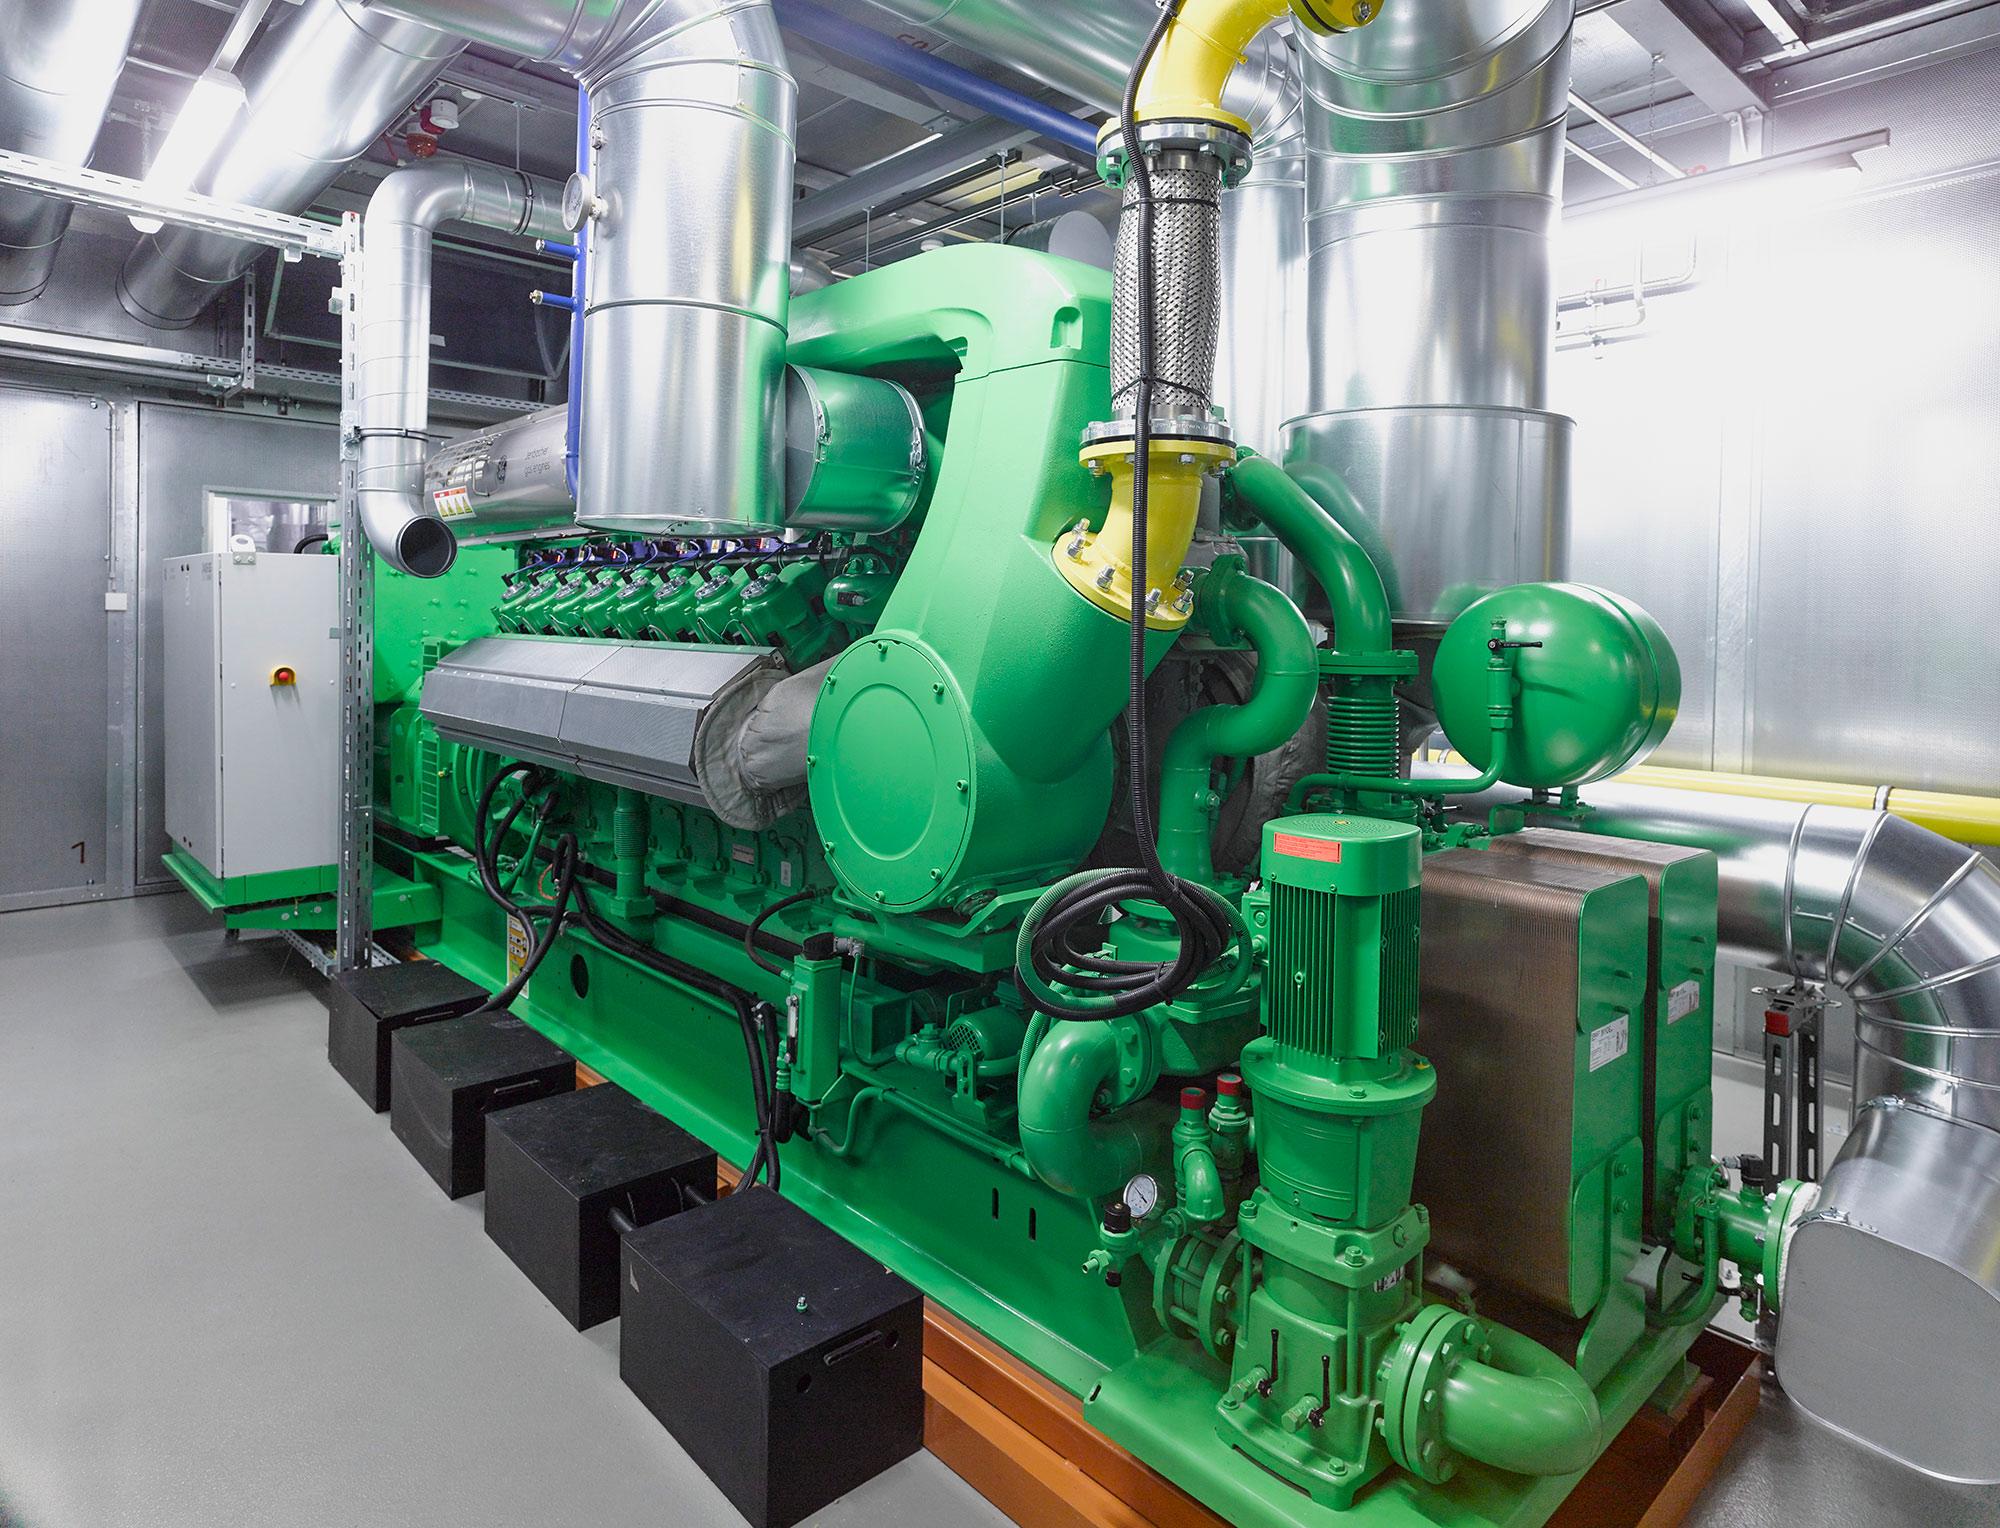 OPC 160708 19360ff - Schetter: Neues Blockheizkraftwerk im Hause Stihl